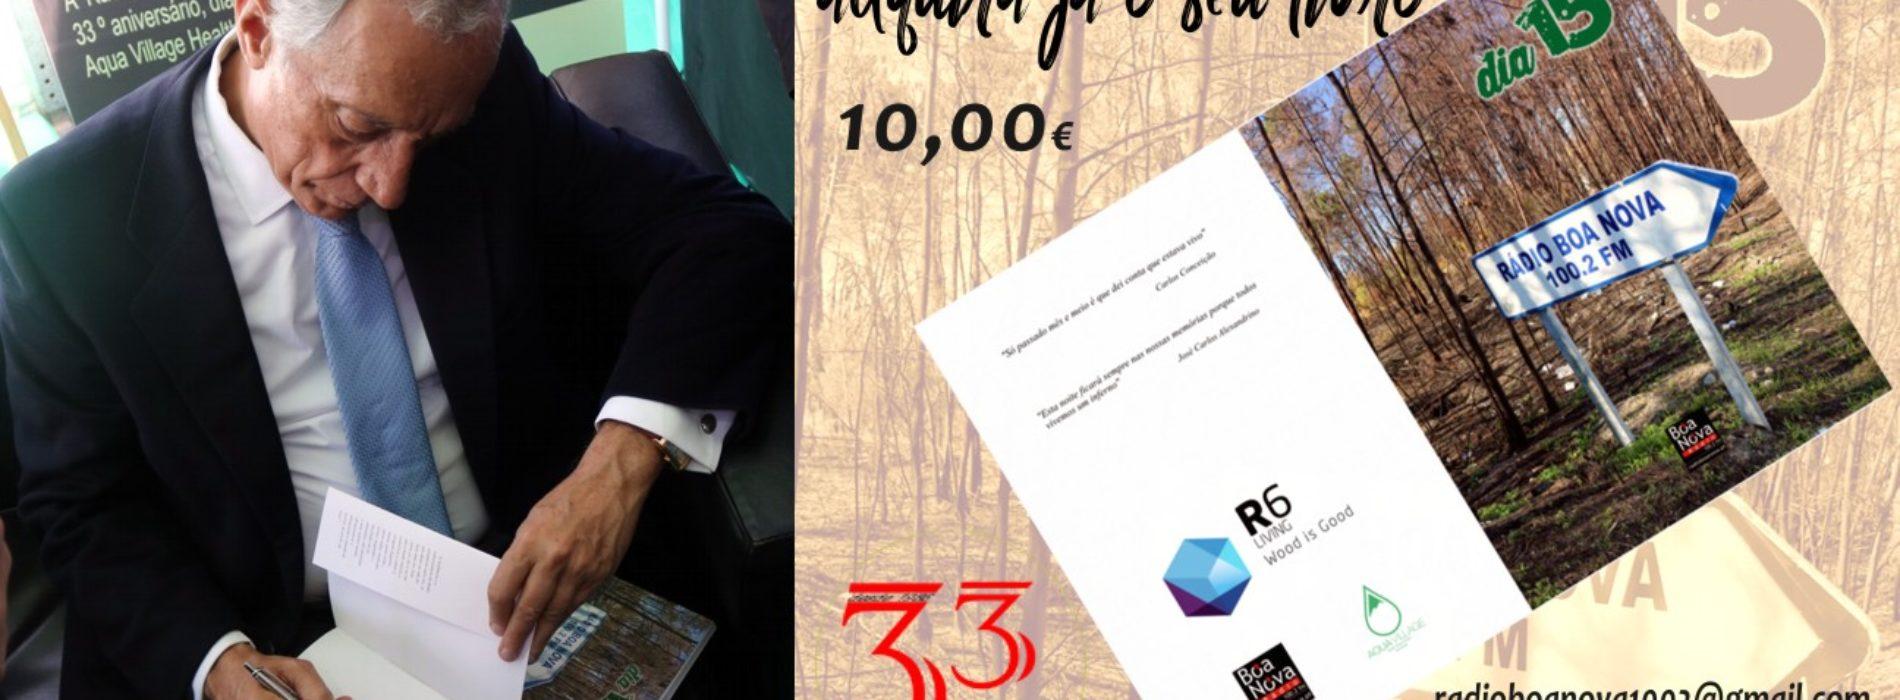 """Livro  """"Dia 15"""" editado pela Rádio Boa Nova , vai estar disponível para venda em diversos locais da cidade"""